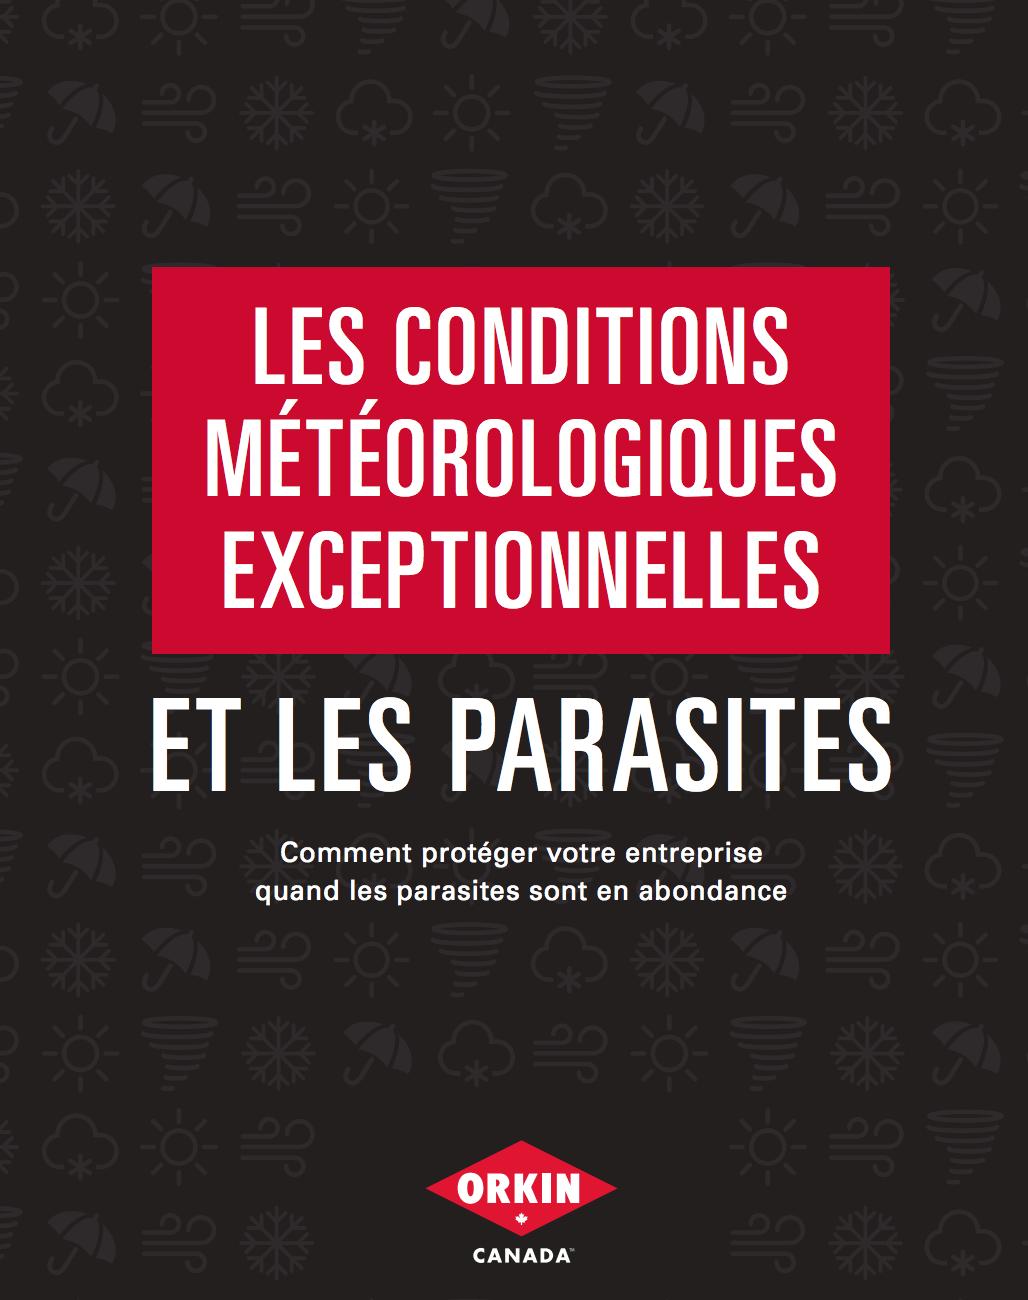 Un guide de prévention contre les parasites lors de conditions météorologiques exceptionnelles